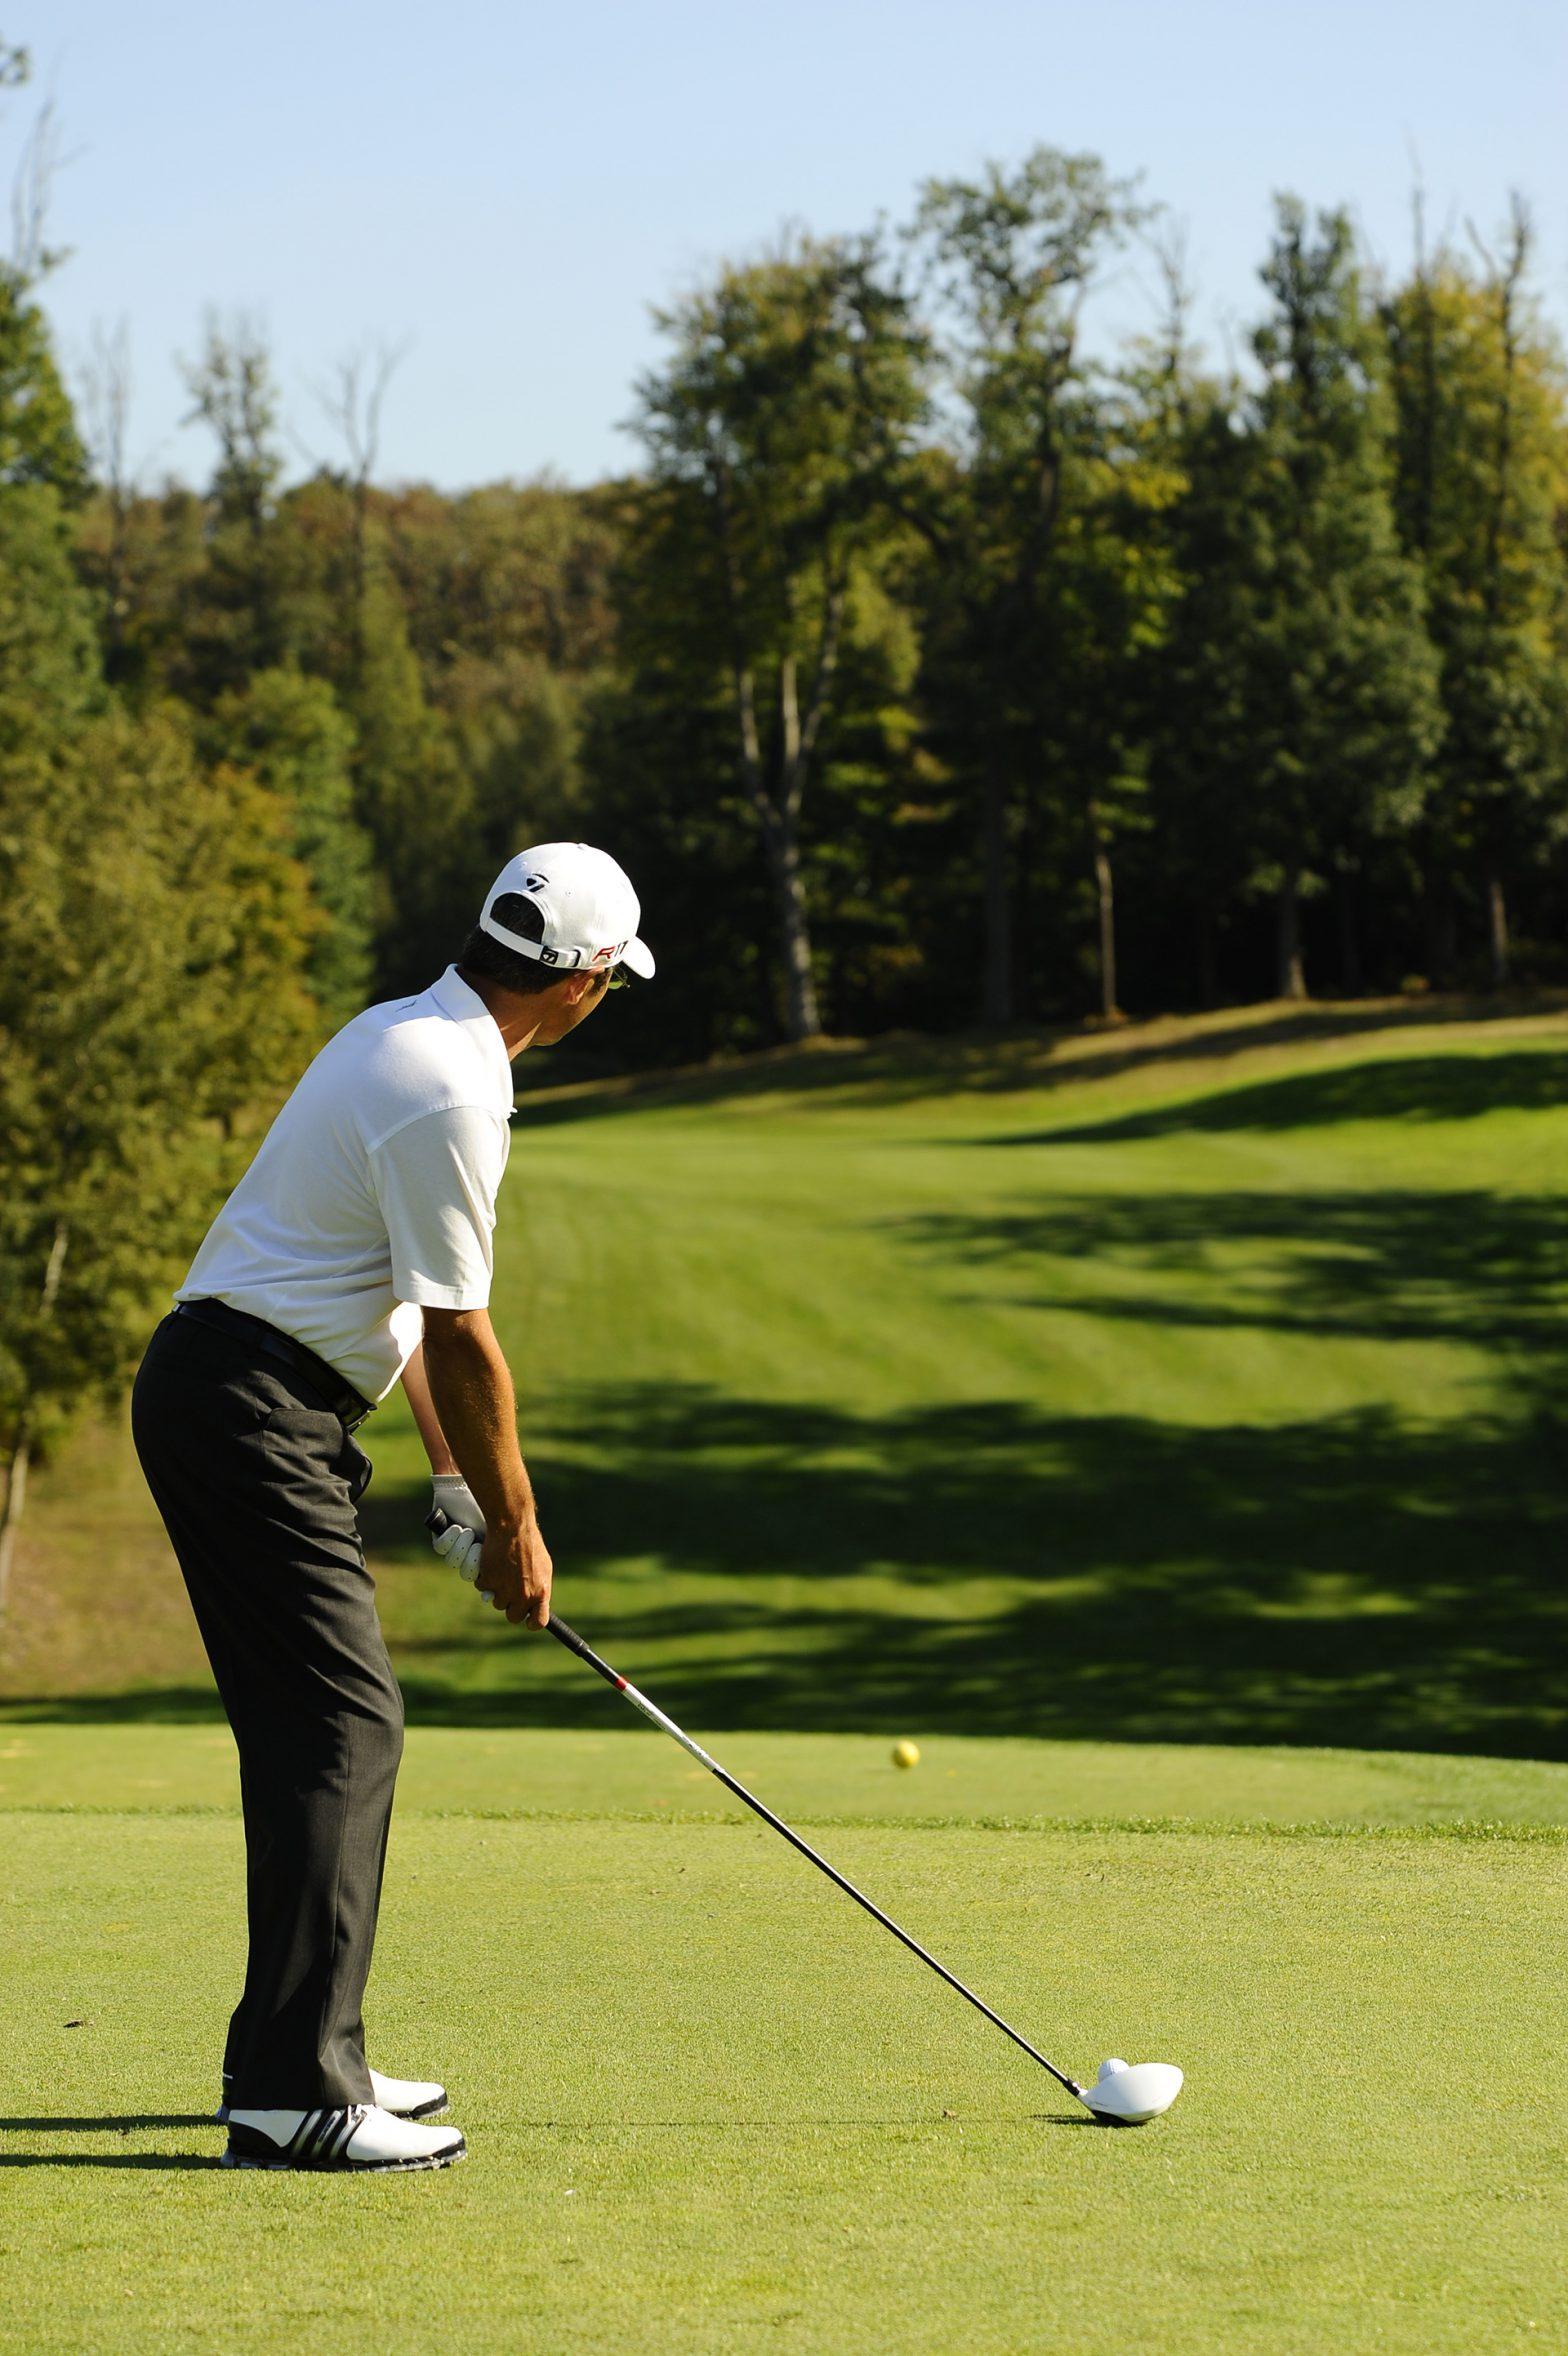 Pourquoi y a-t-il tant de différence entre mon coup d'essai et mon swing ? | Enphase Golf